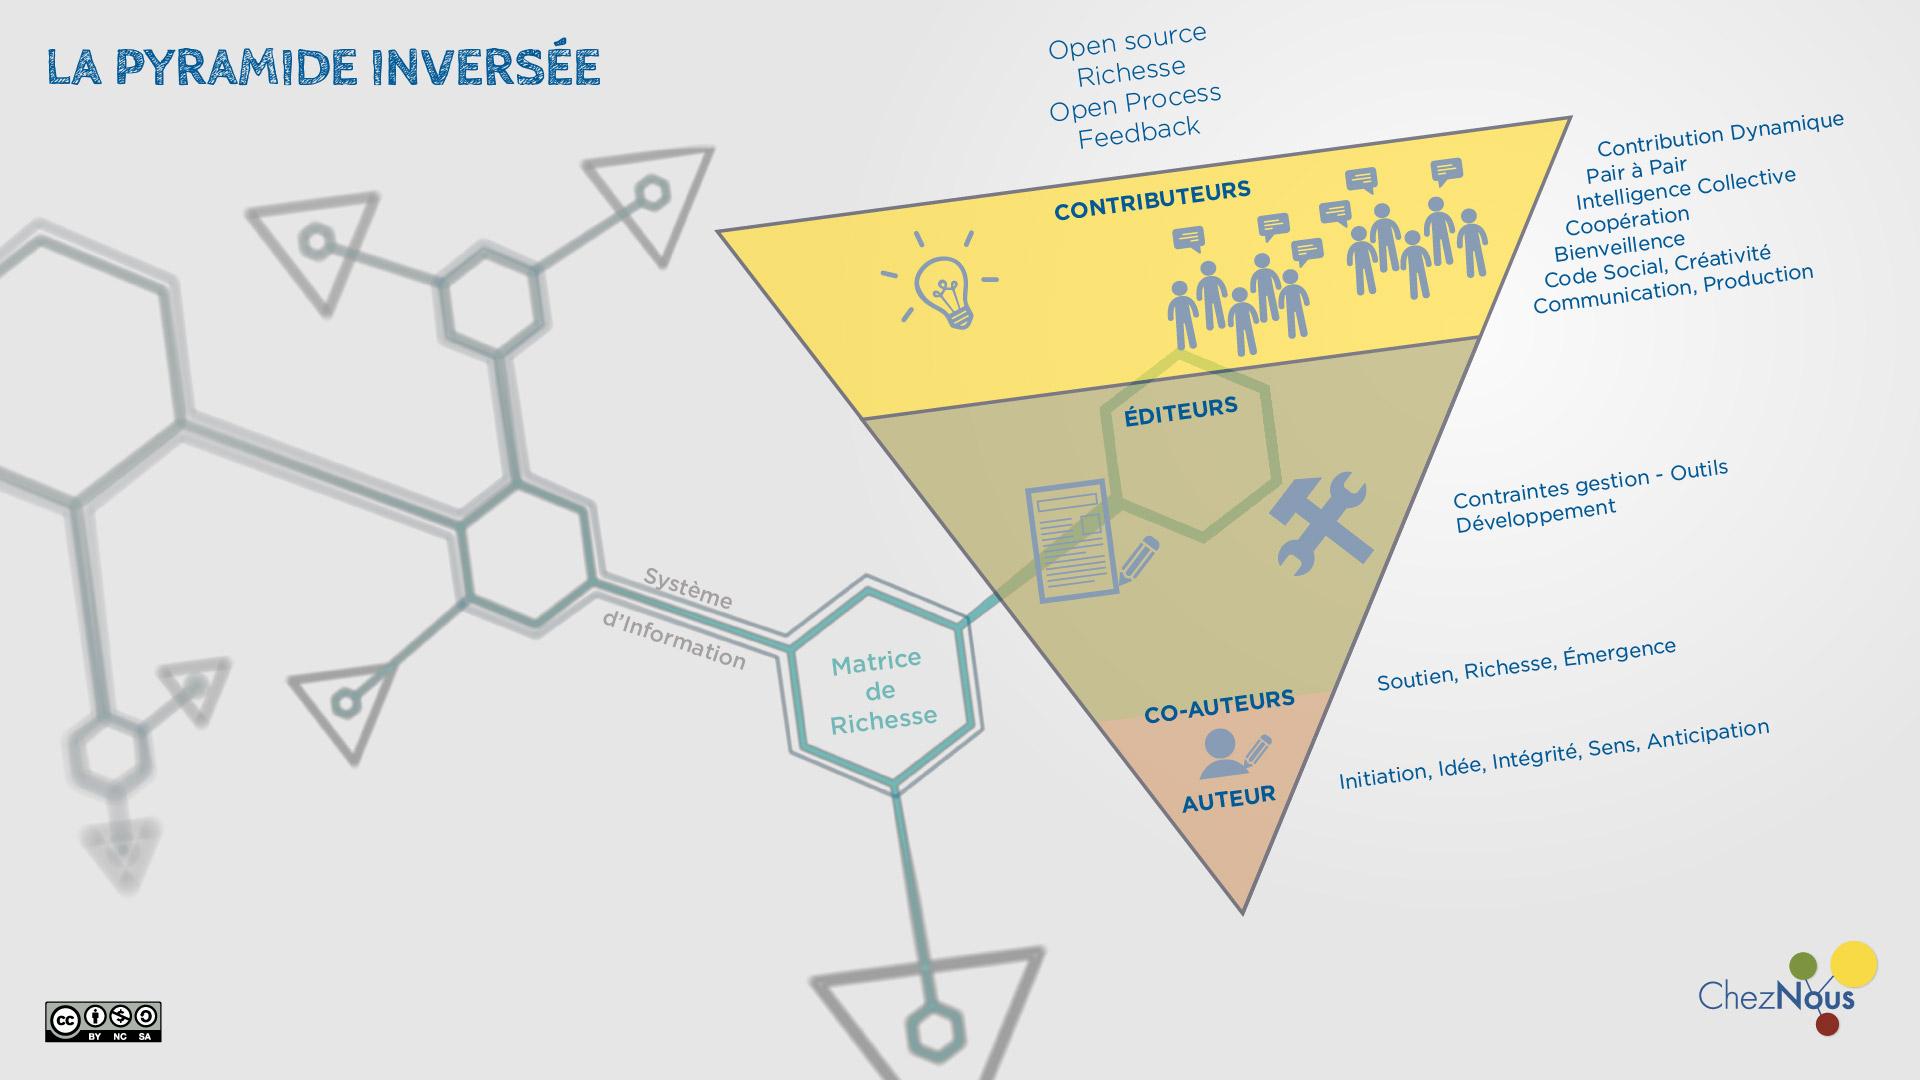 #CodeSocial : Modèle De Communauté